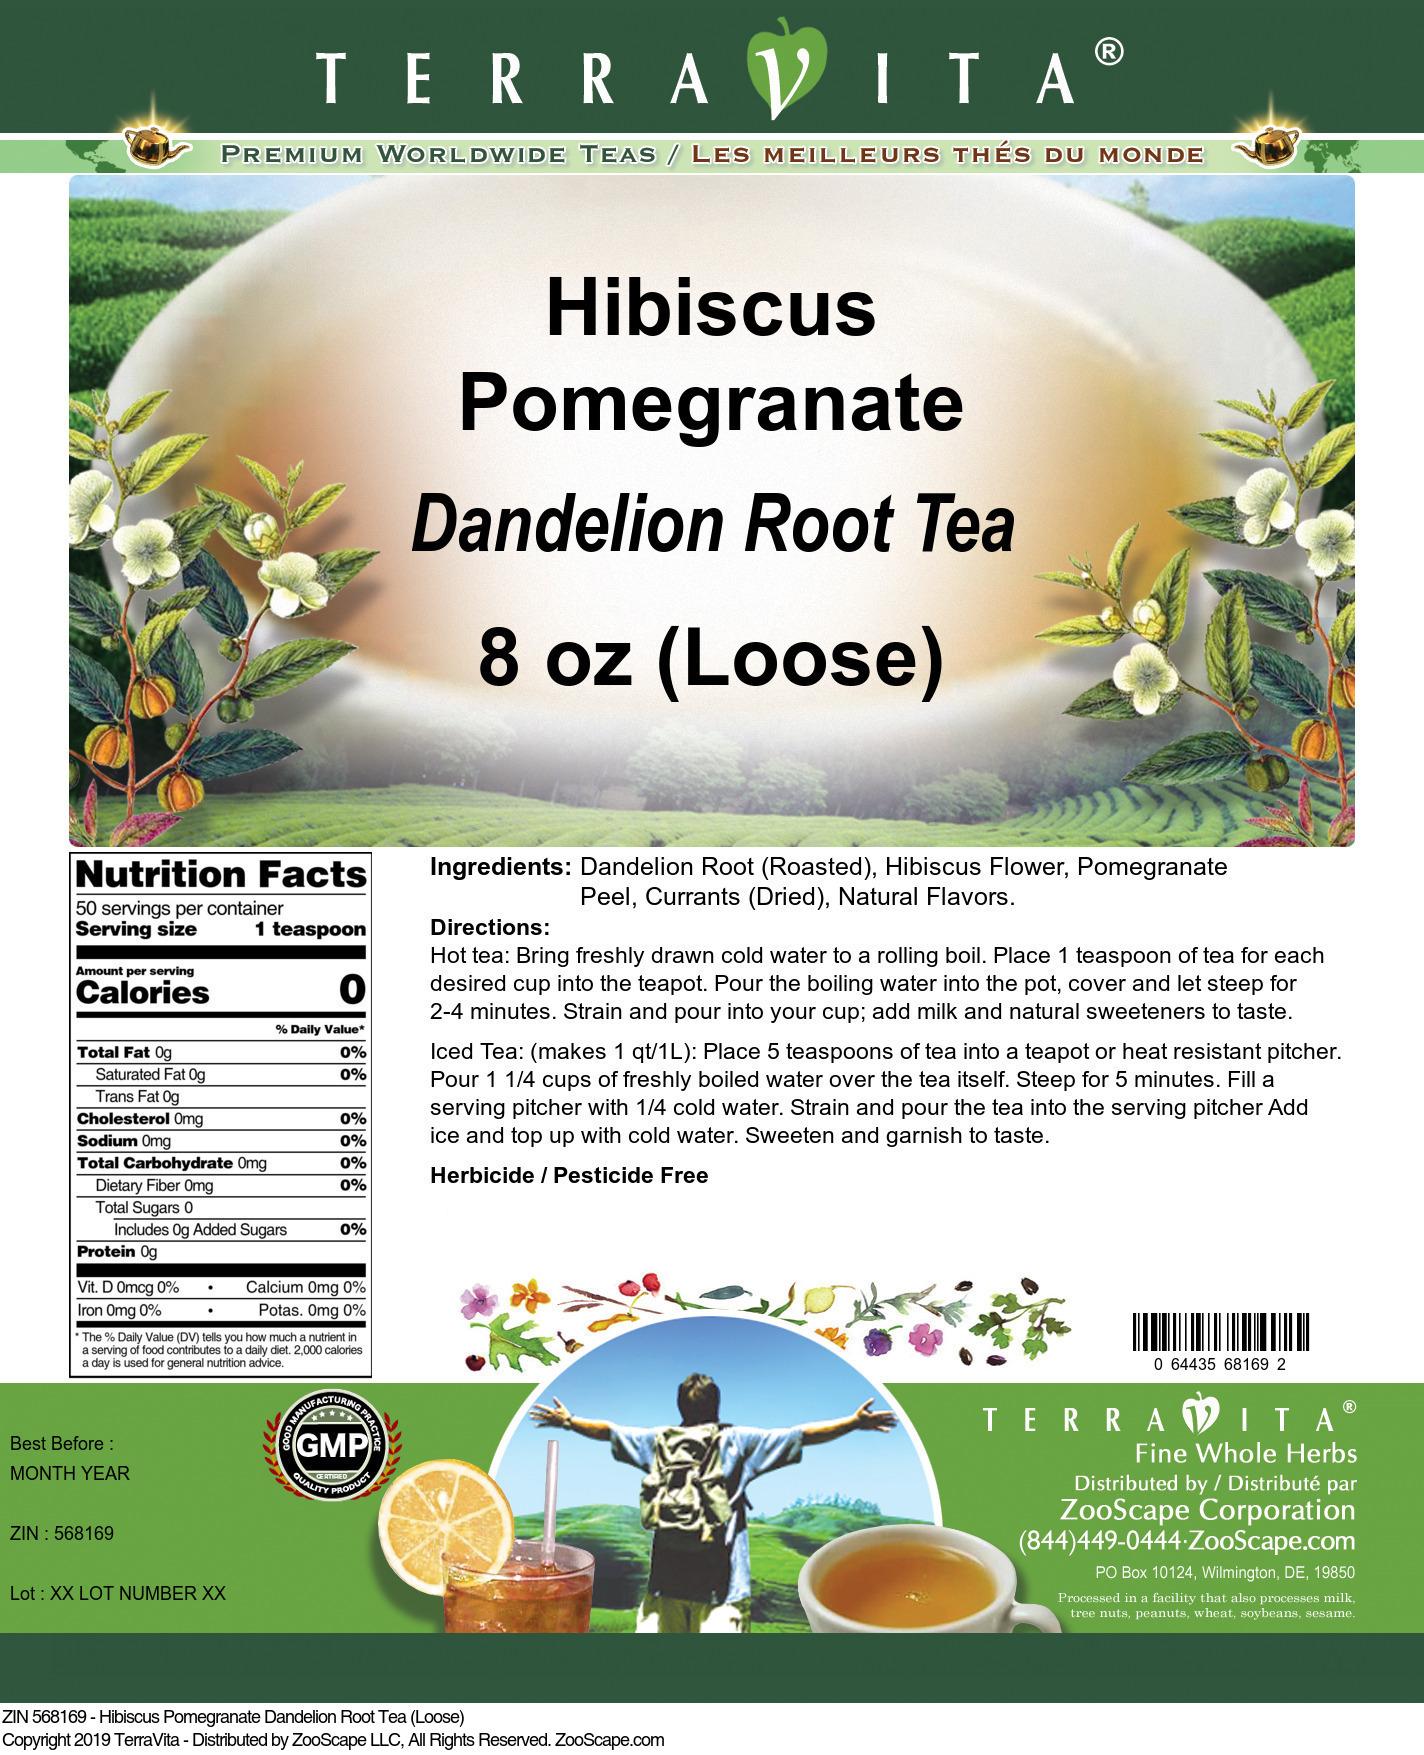 Hibiscus Pomegranate Dandelion Root Tea (Loose)